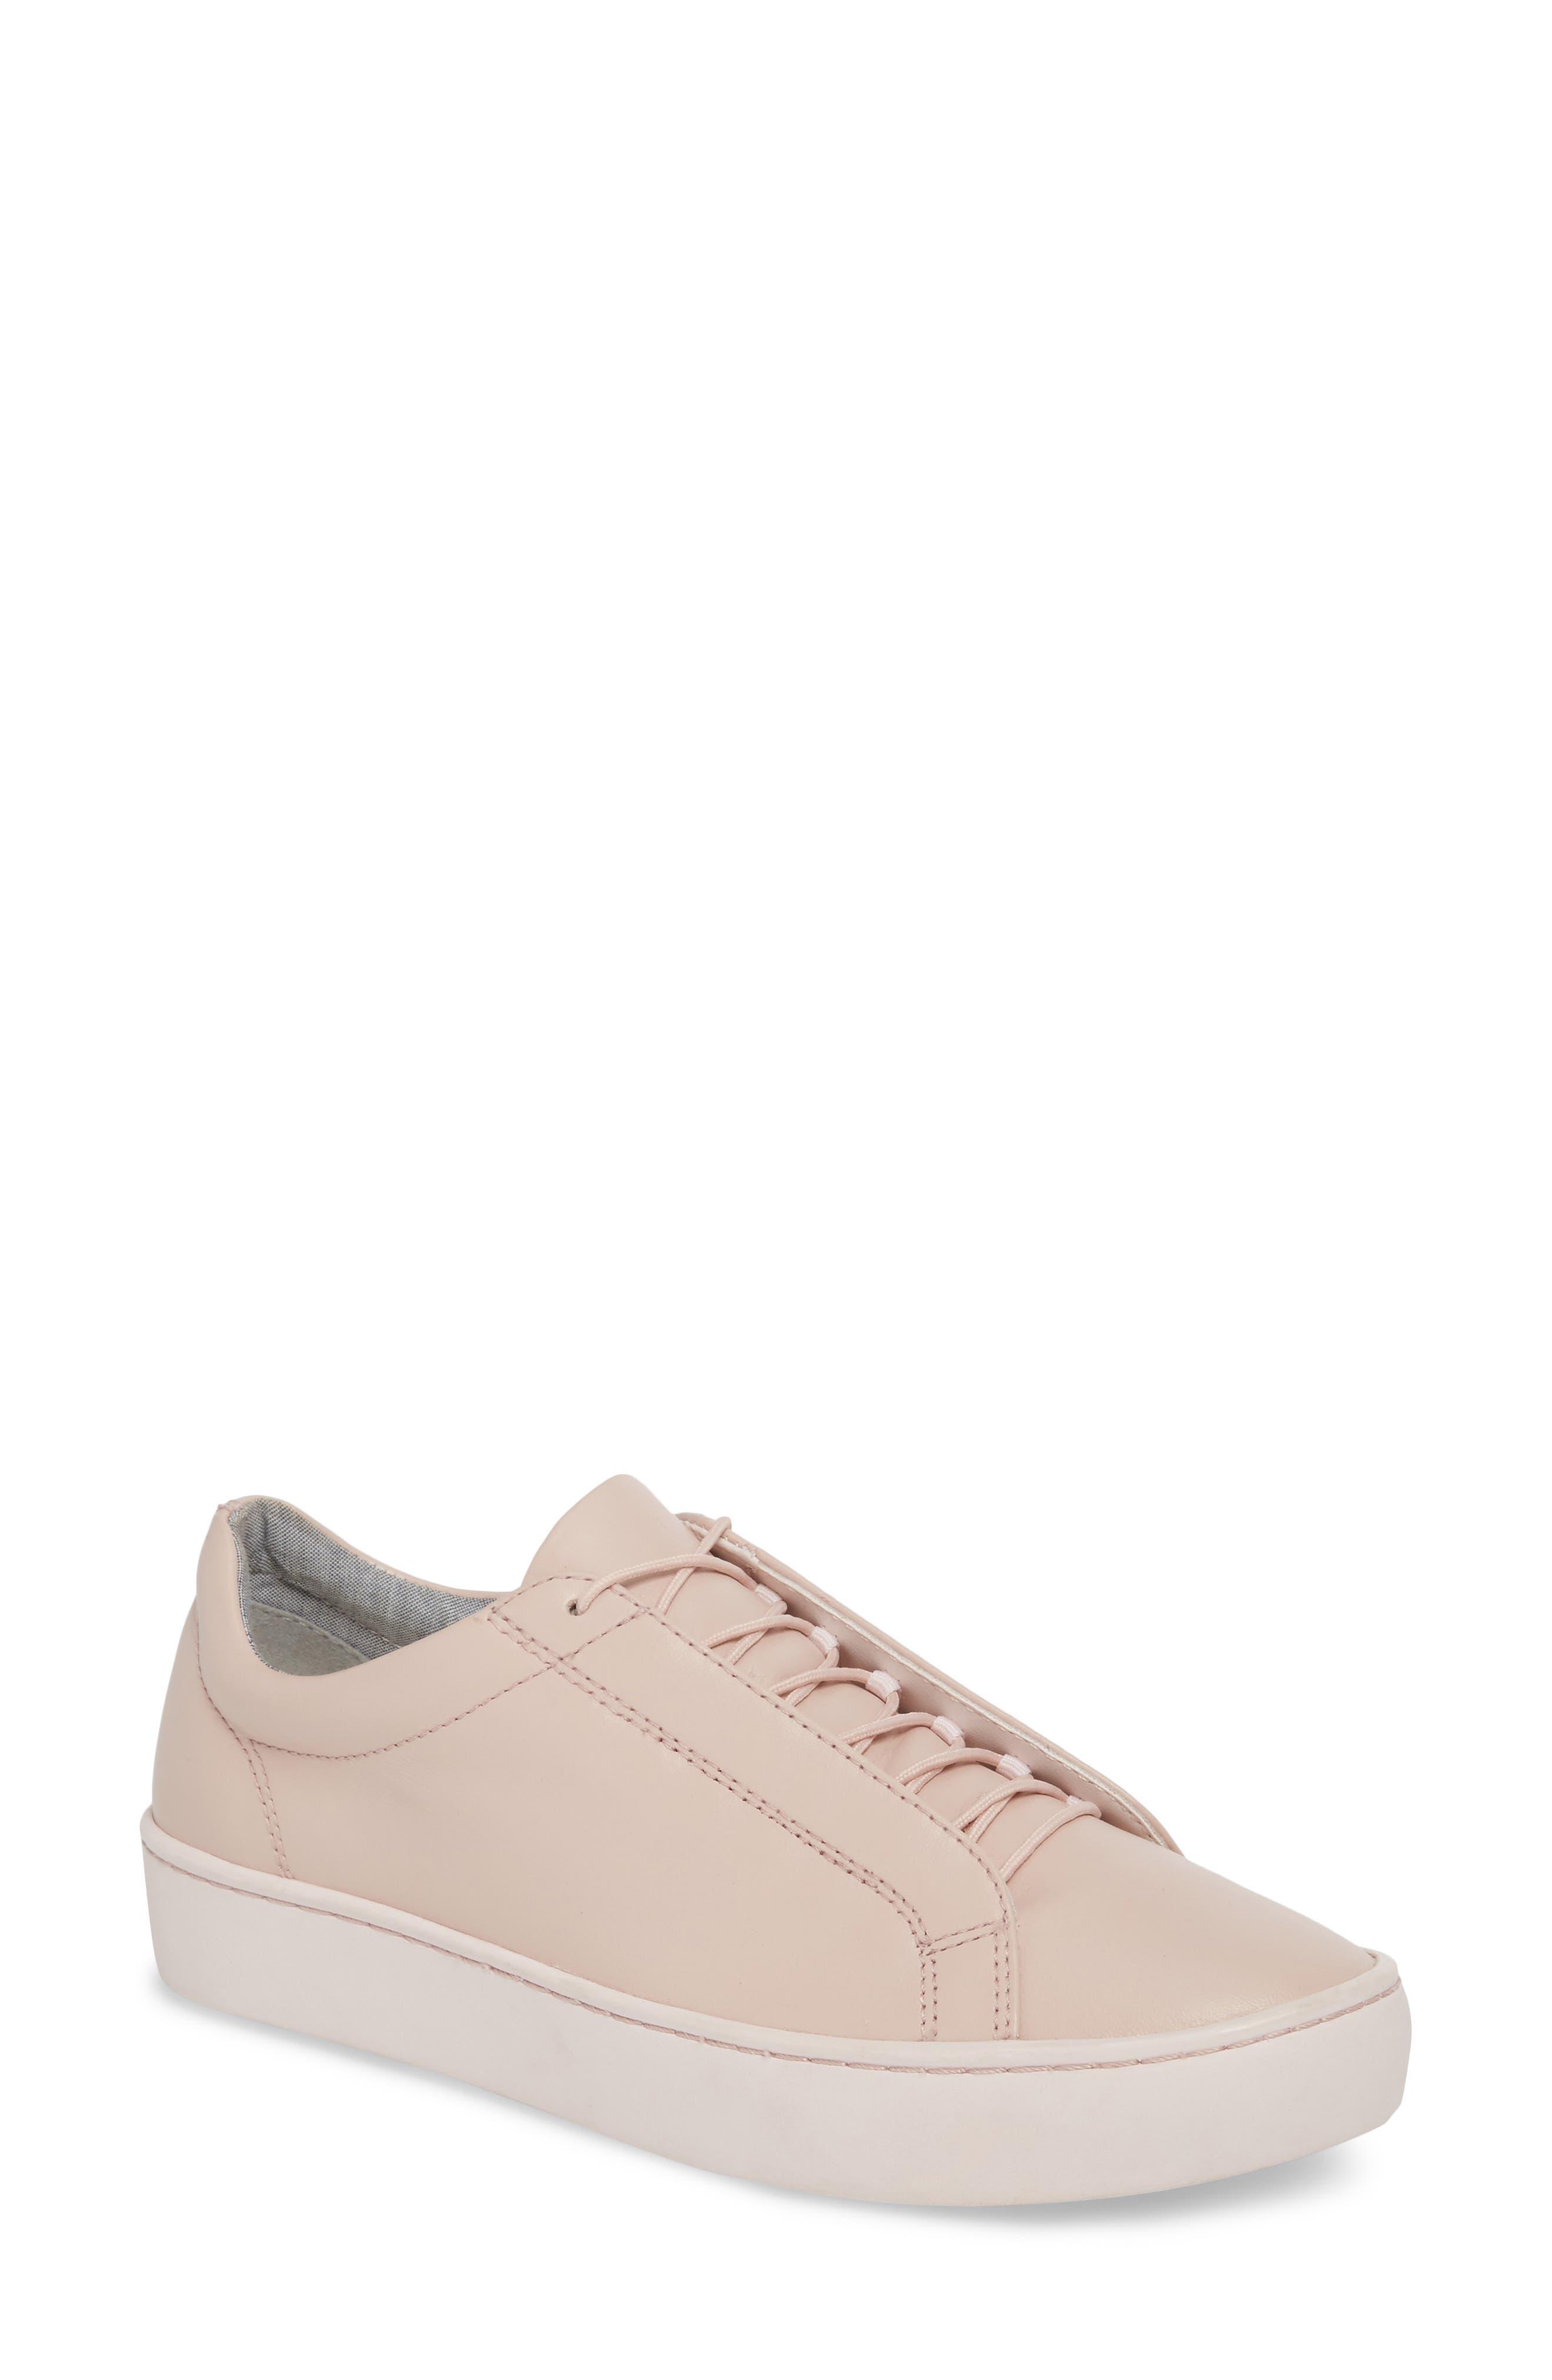 Vagabond Shoemakers Zoe Sneaker (Women)